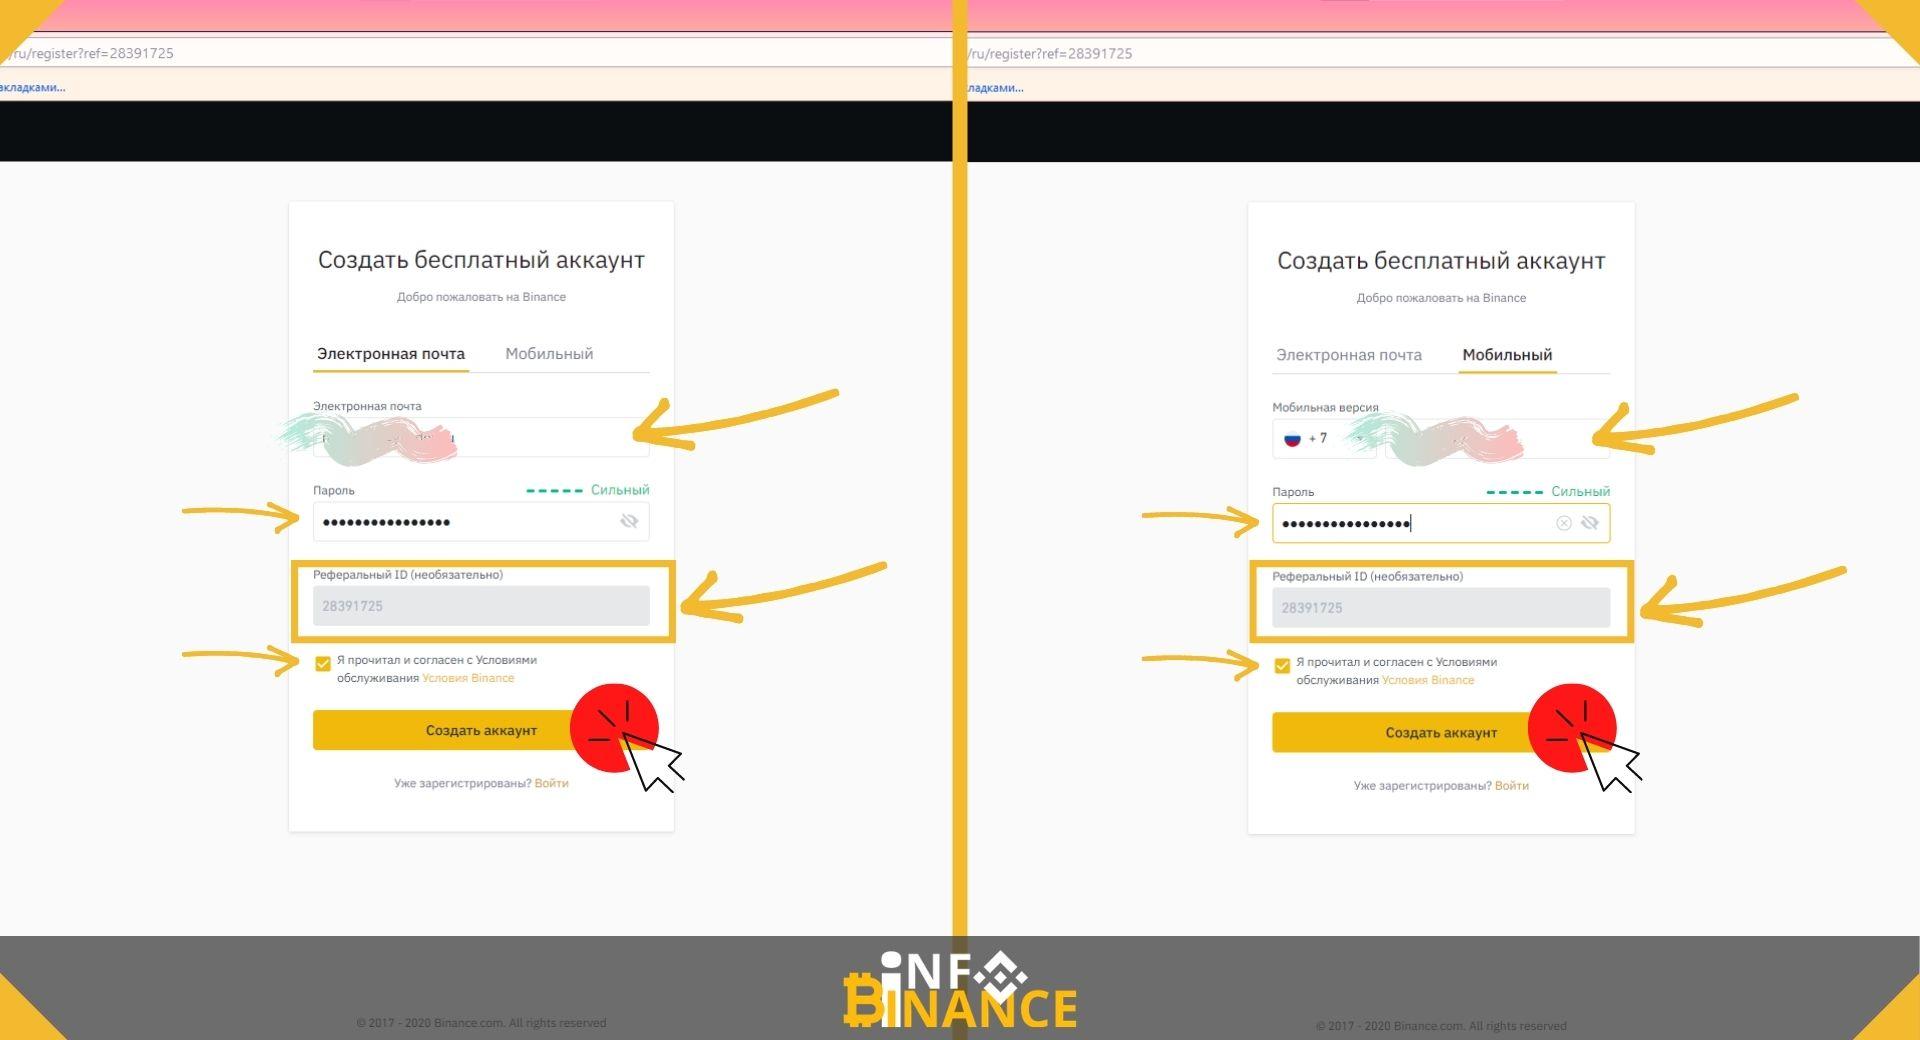 регистрация на Binance пошаговая инструкция